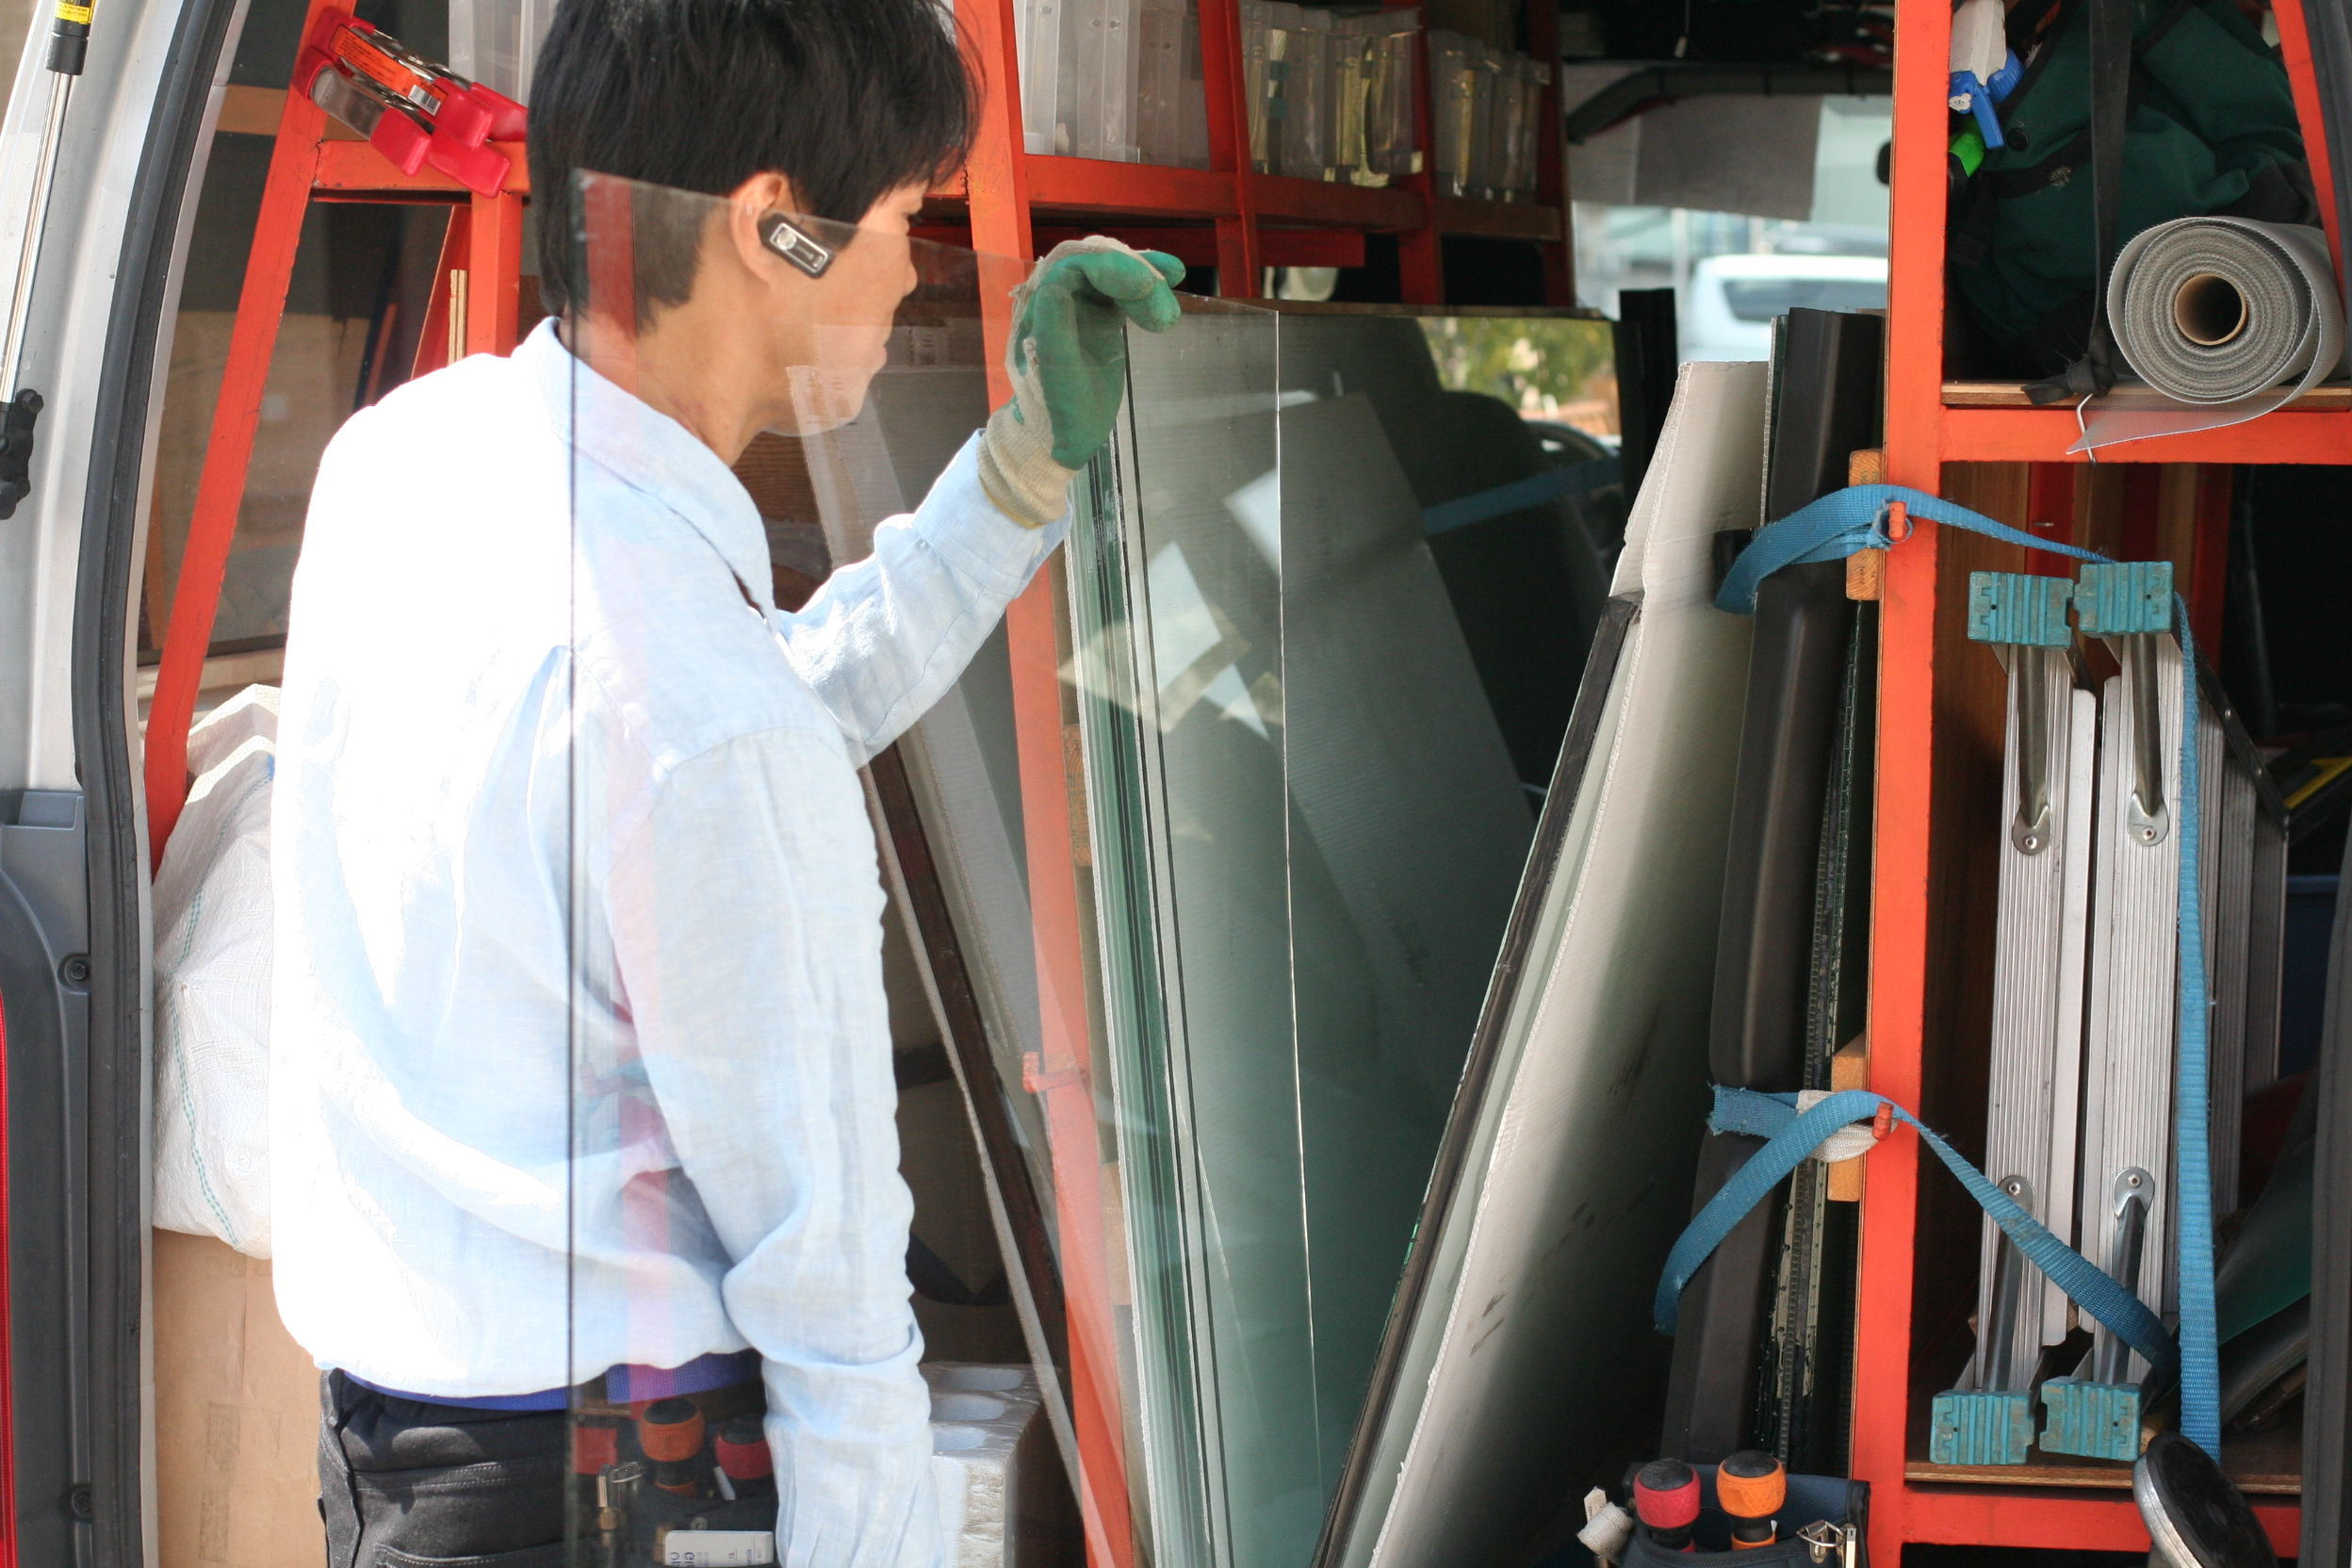 ガラスのトラブル救Q隊.24【札幌市厚別区 出張エリア】の店内・外観画像2